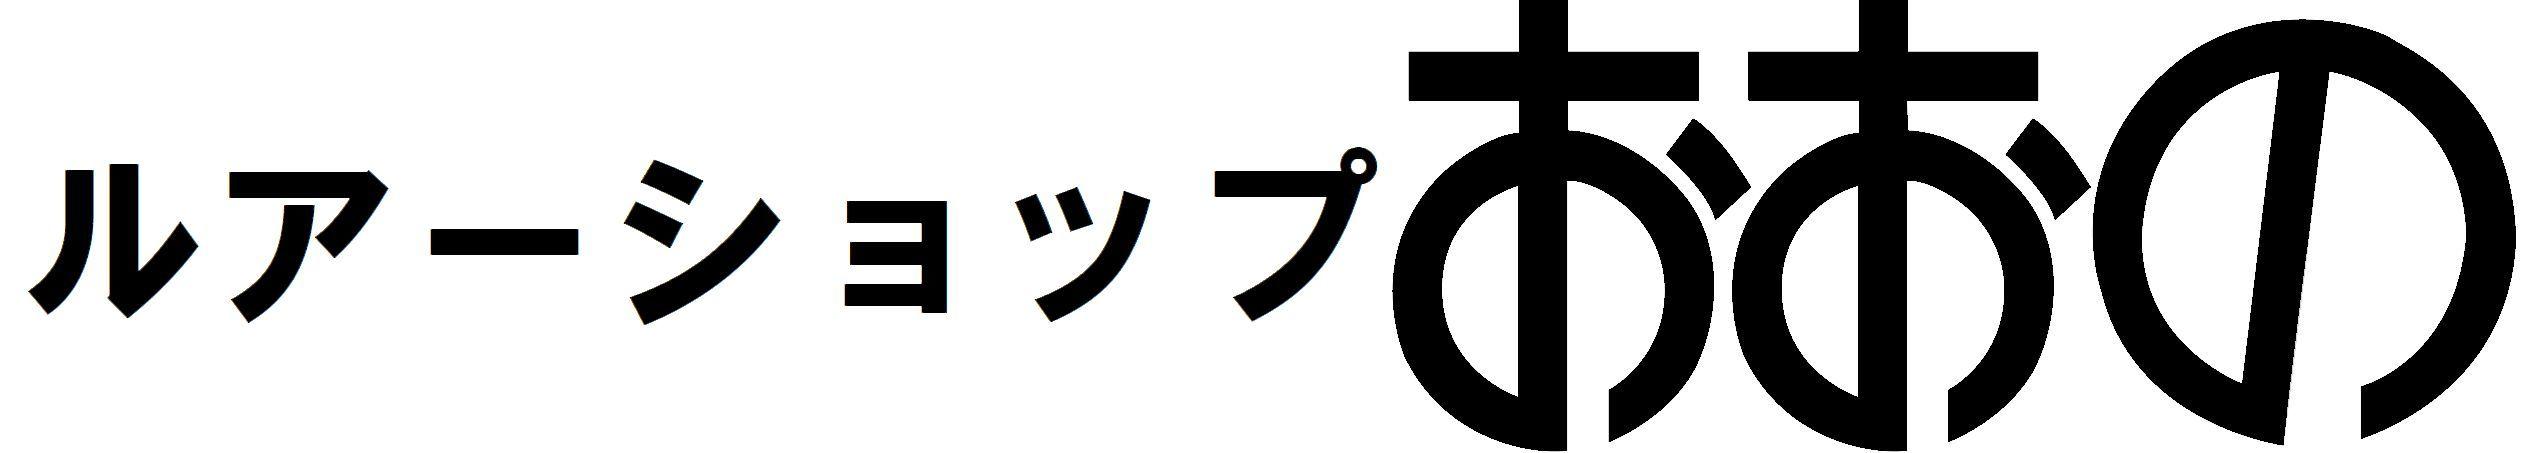 [雷魚]ウィードベッドモンスター 2020年、新機種販売開始いたしました。_a0153216_20143581.jpg